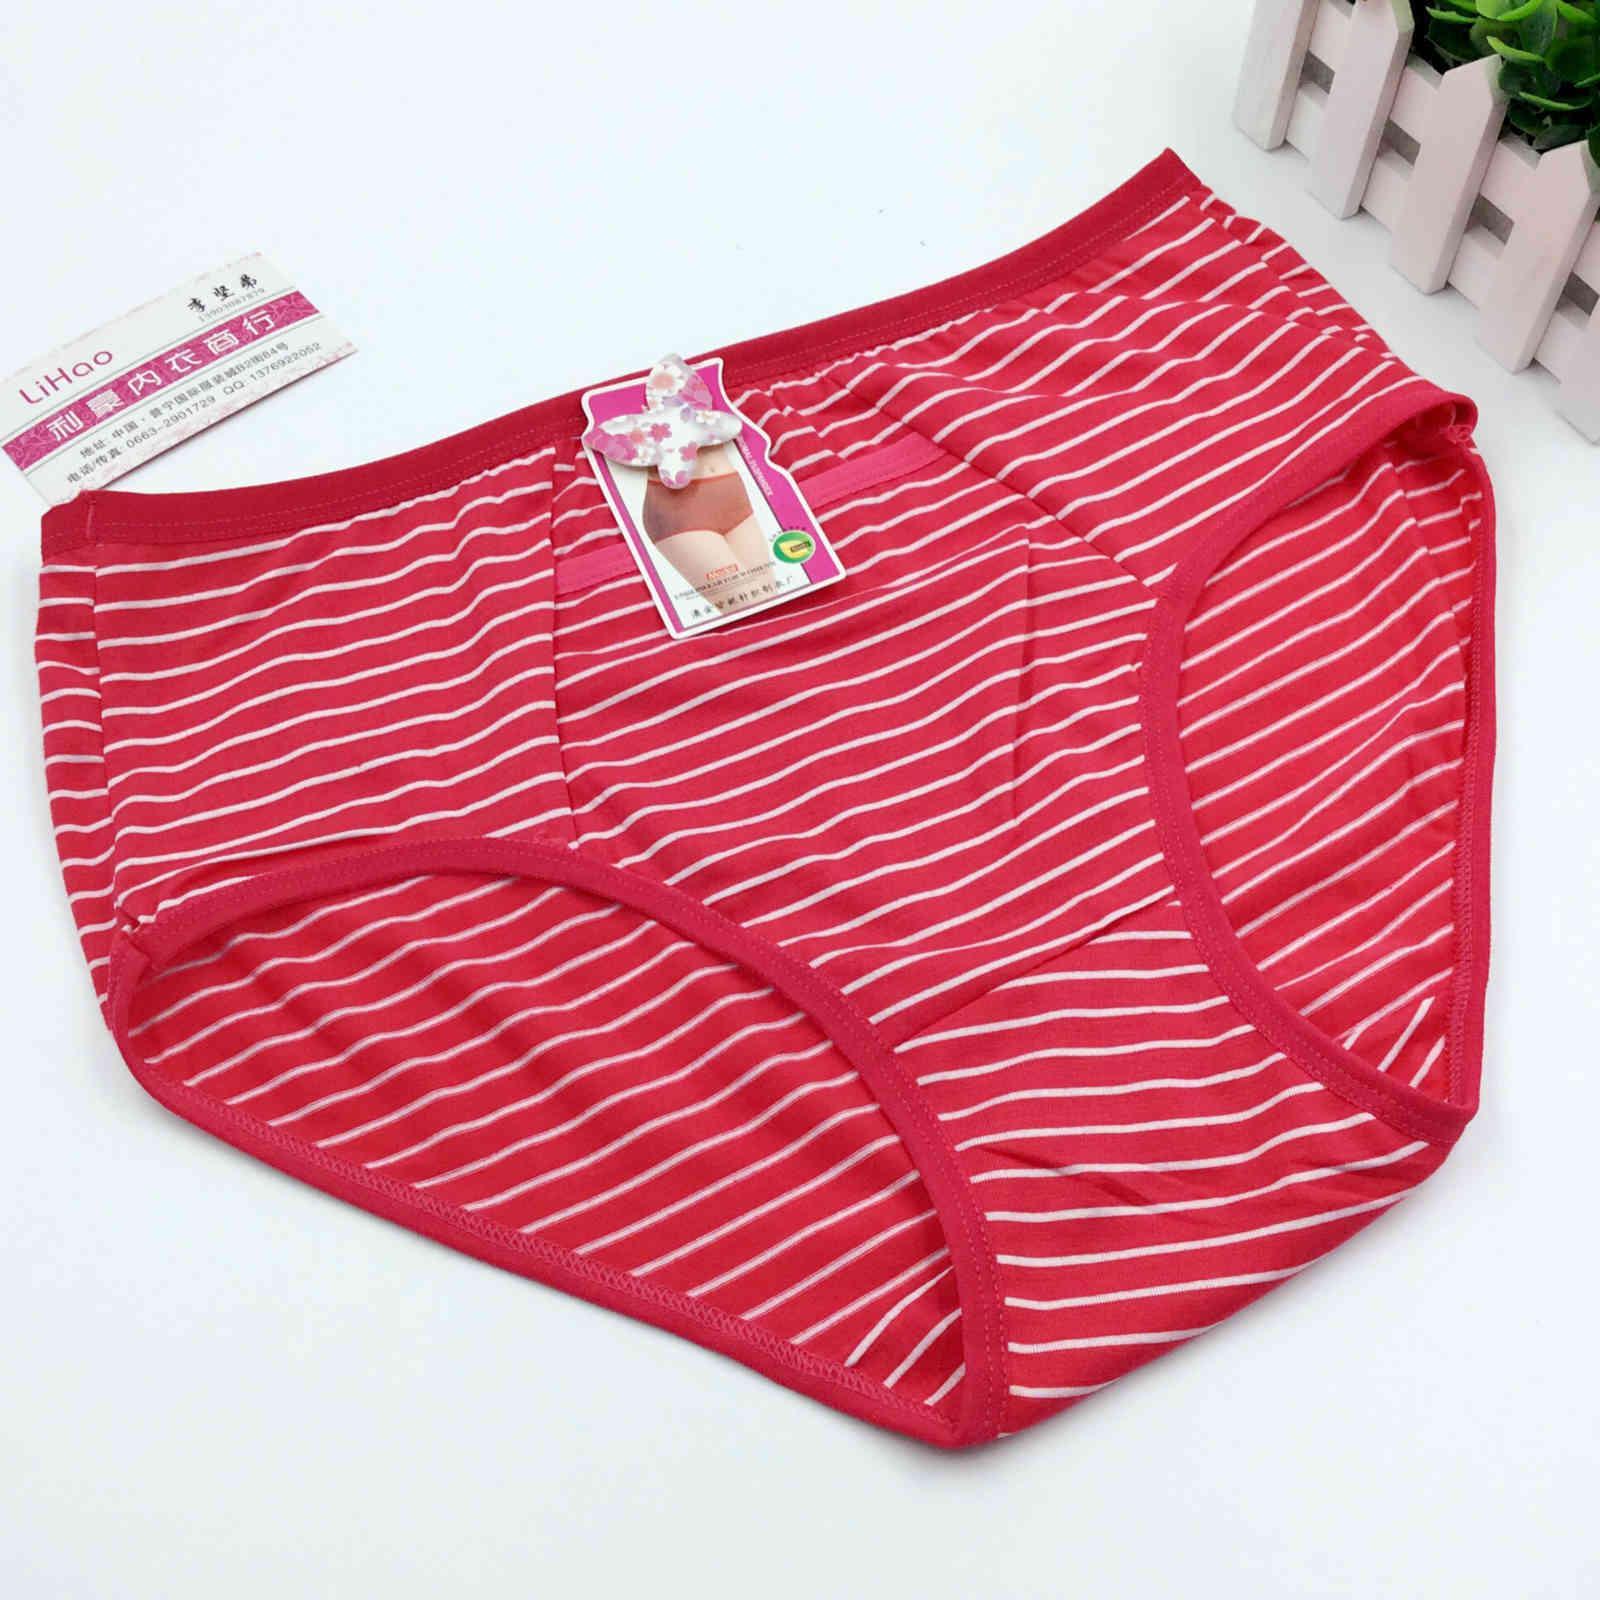 Mutandine di mezza età e antica tasca alta a vita alta tasca in cotone di grandi dimensioni aggiungi biancheria intima da donna grassa